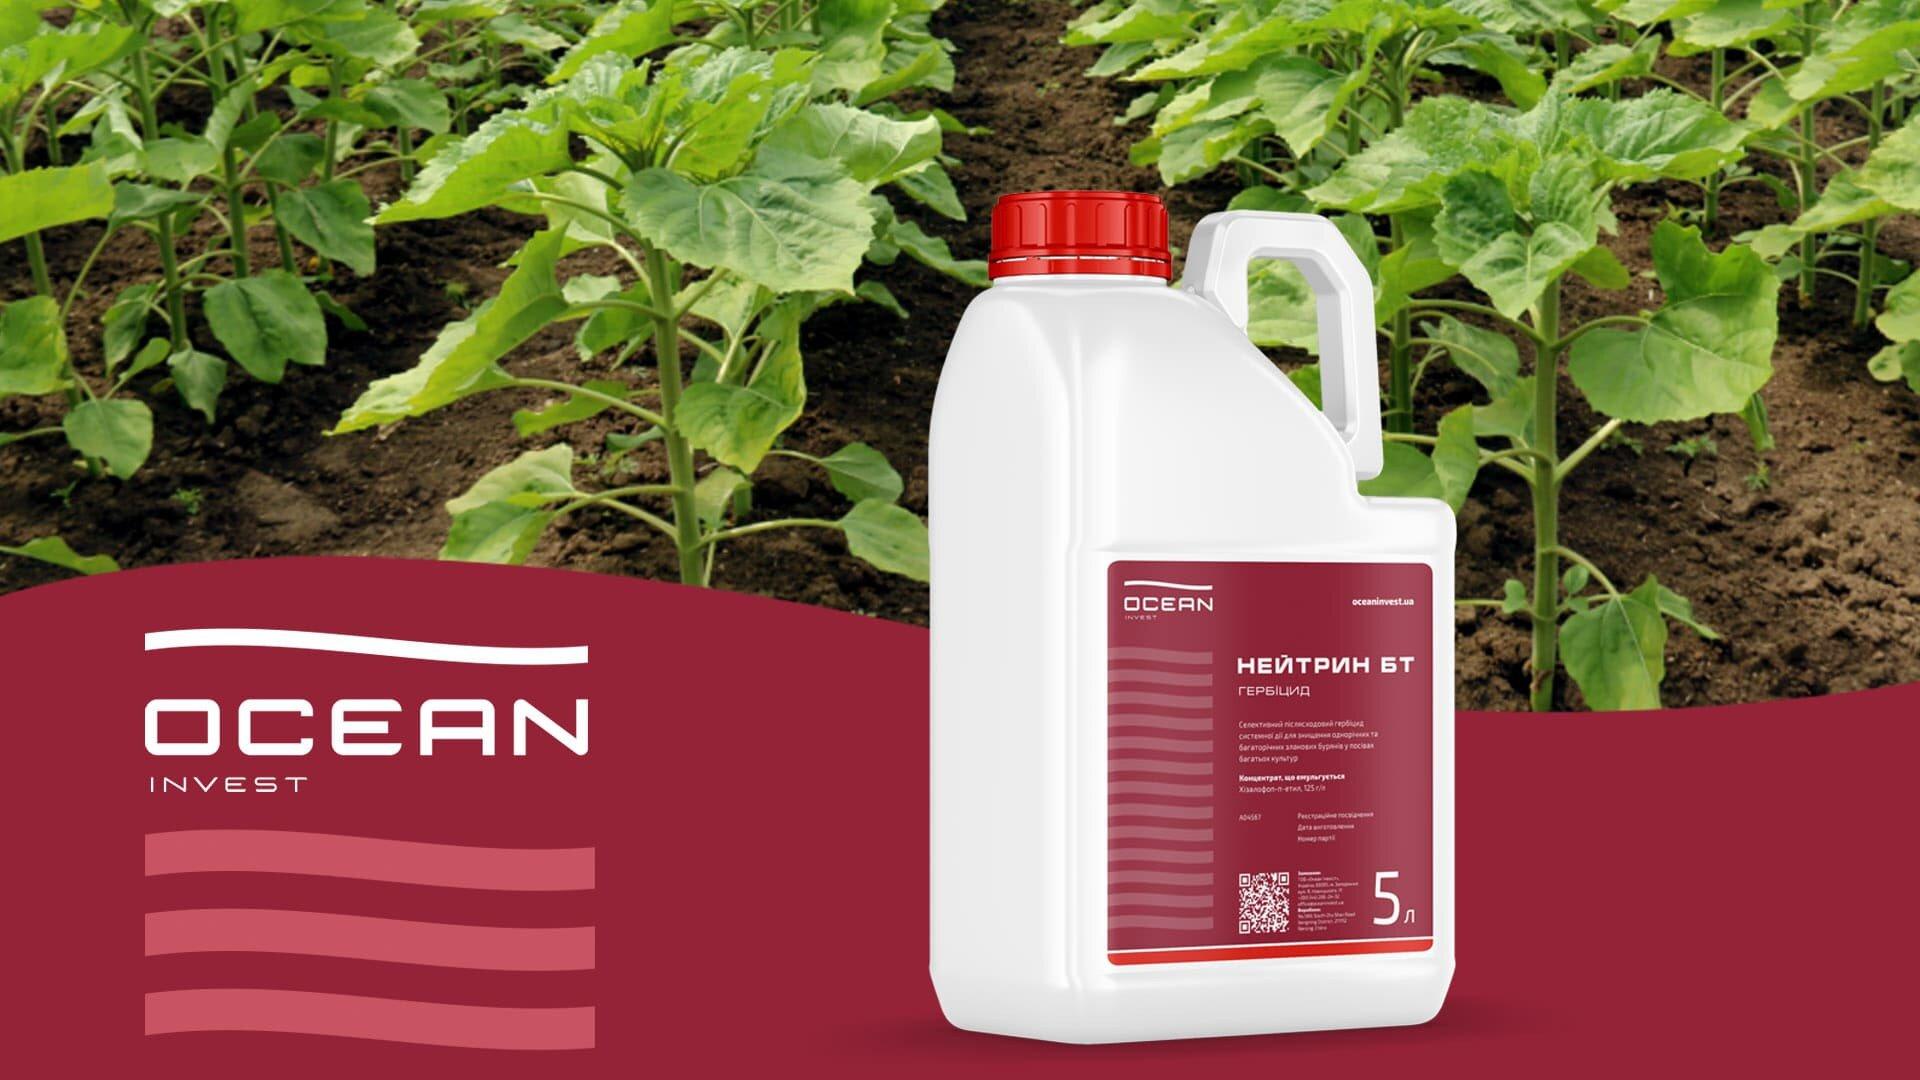 Нейтрин БТ - лучший помощник в борьбе со злаковыми сорняками на ваших полях